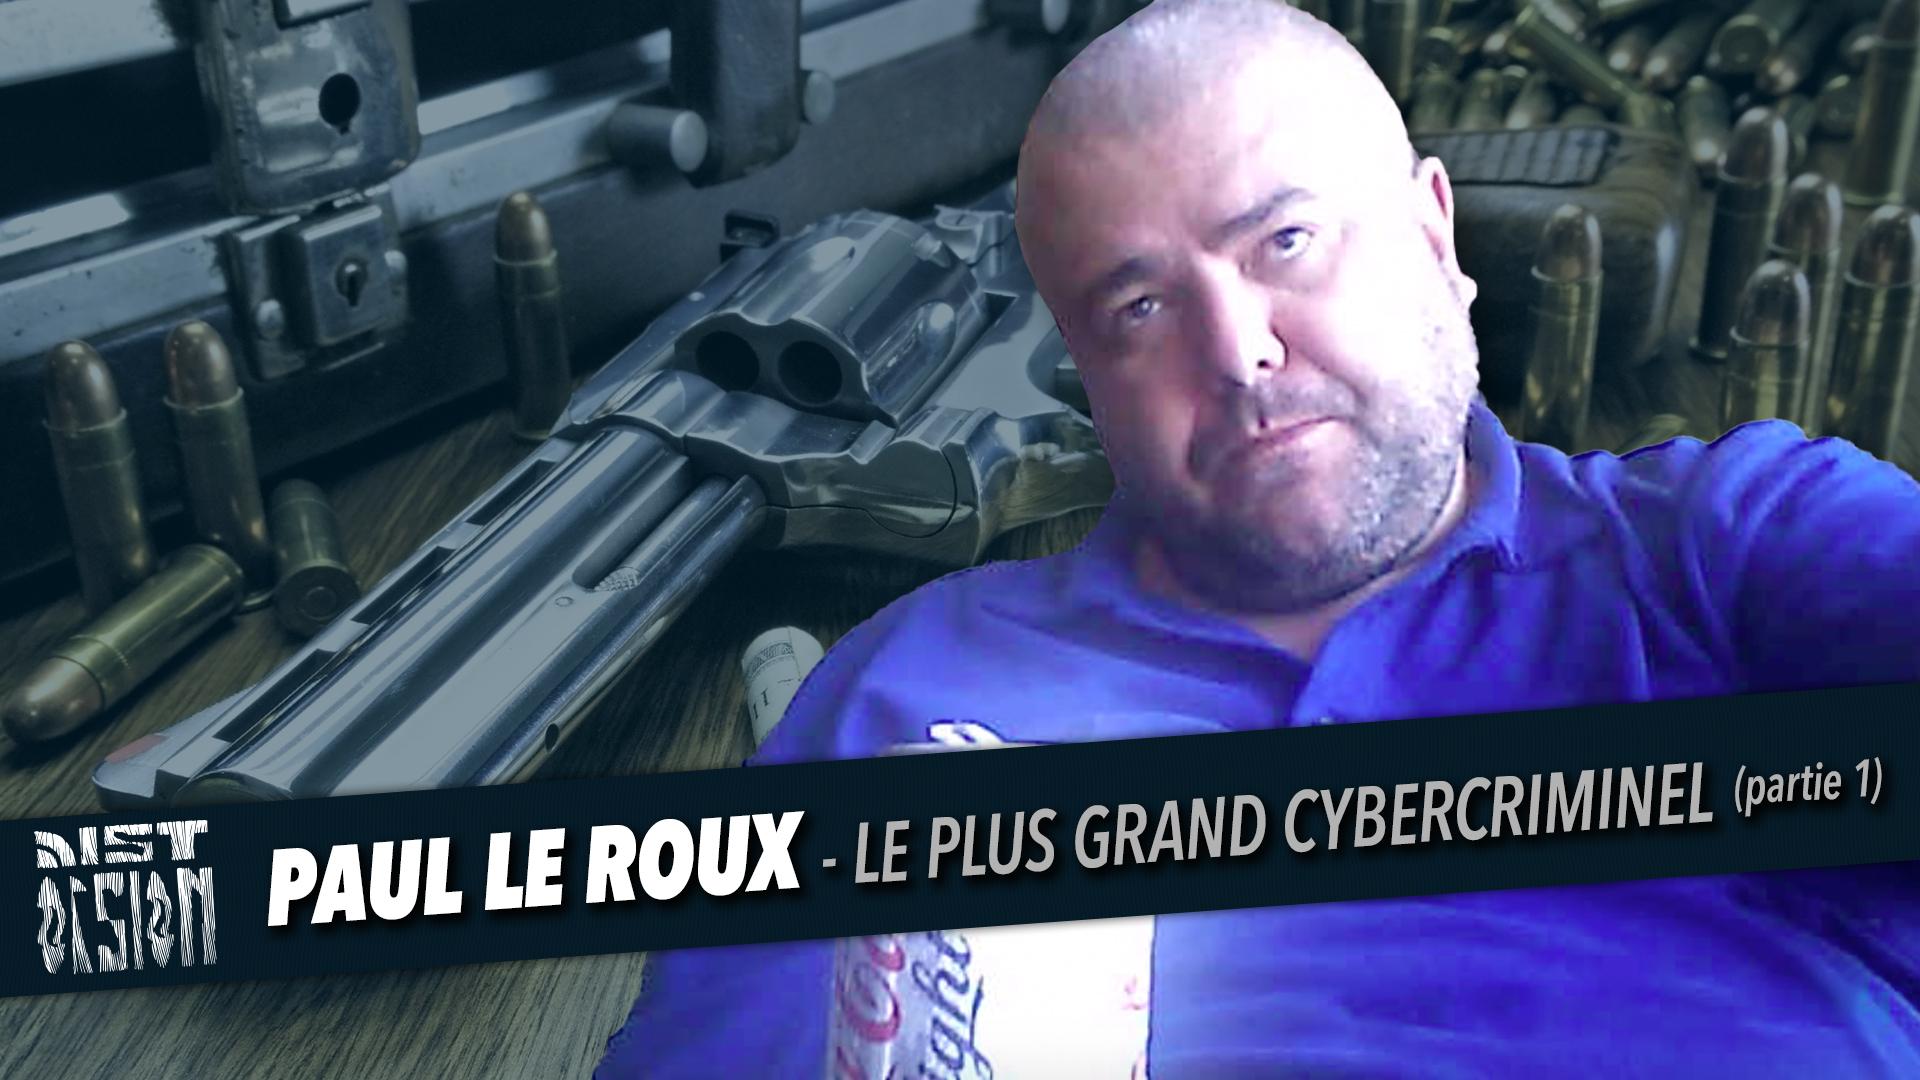 Paul Le Roux - Le plus grand cybercriminel - Partie 1